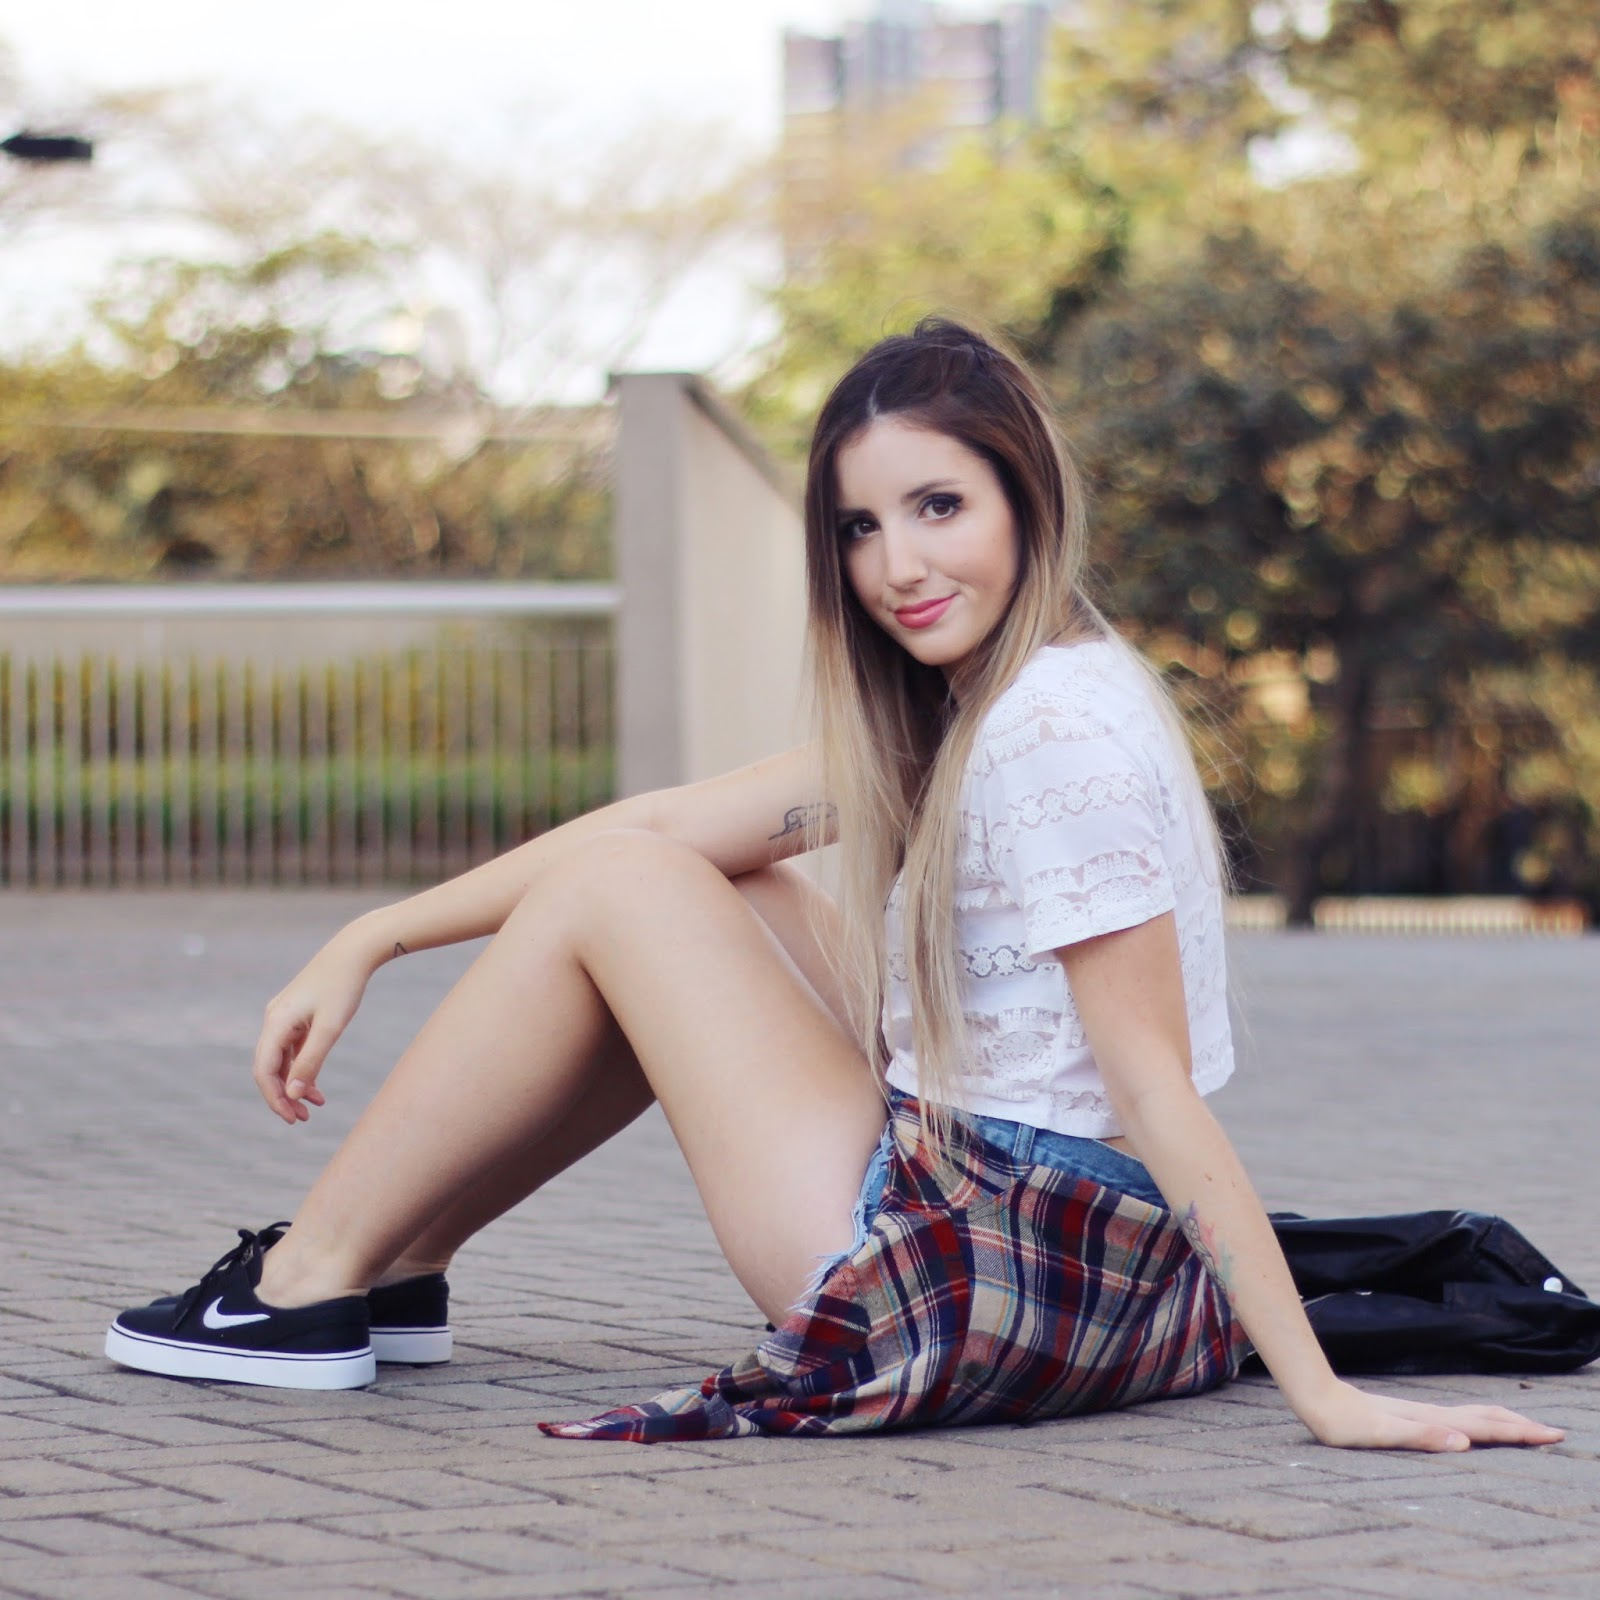 nike feminino confira os queridinhos da temporada